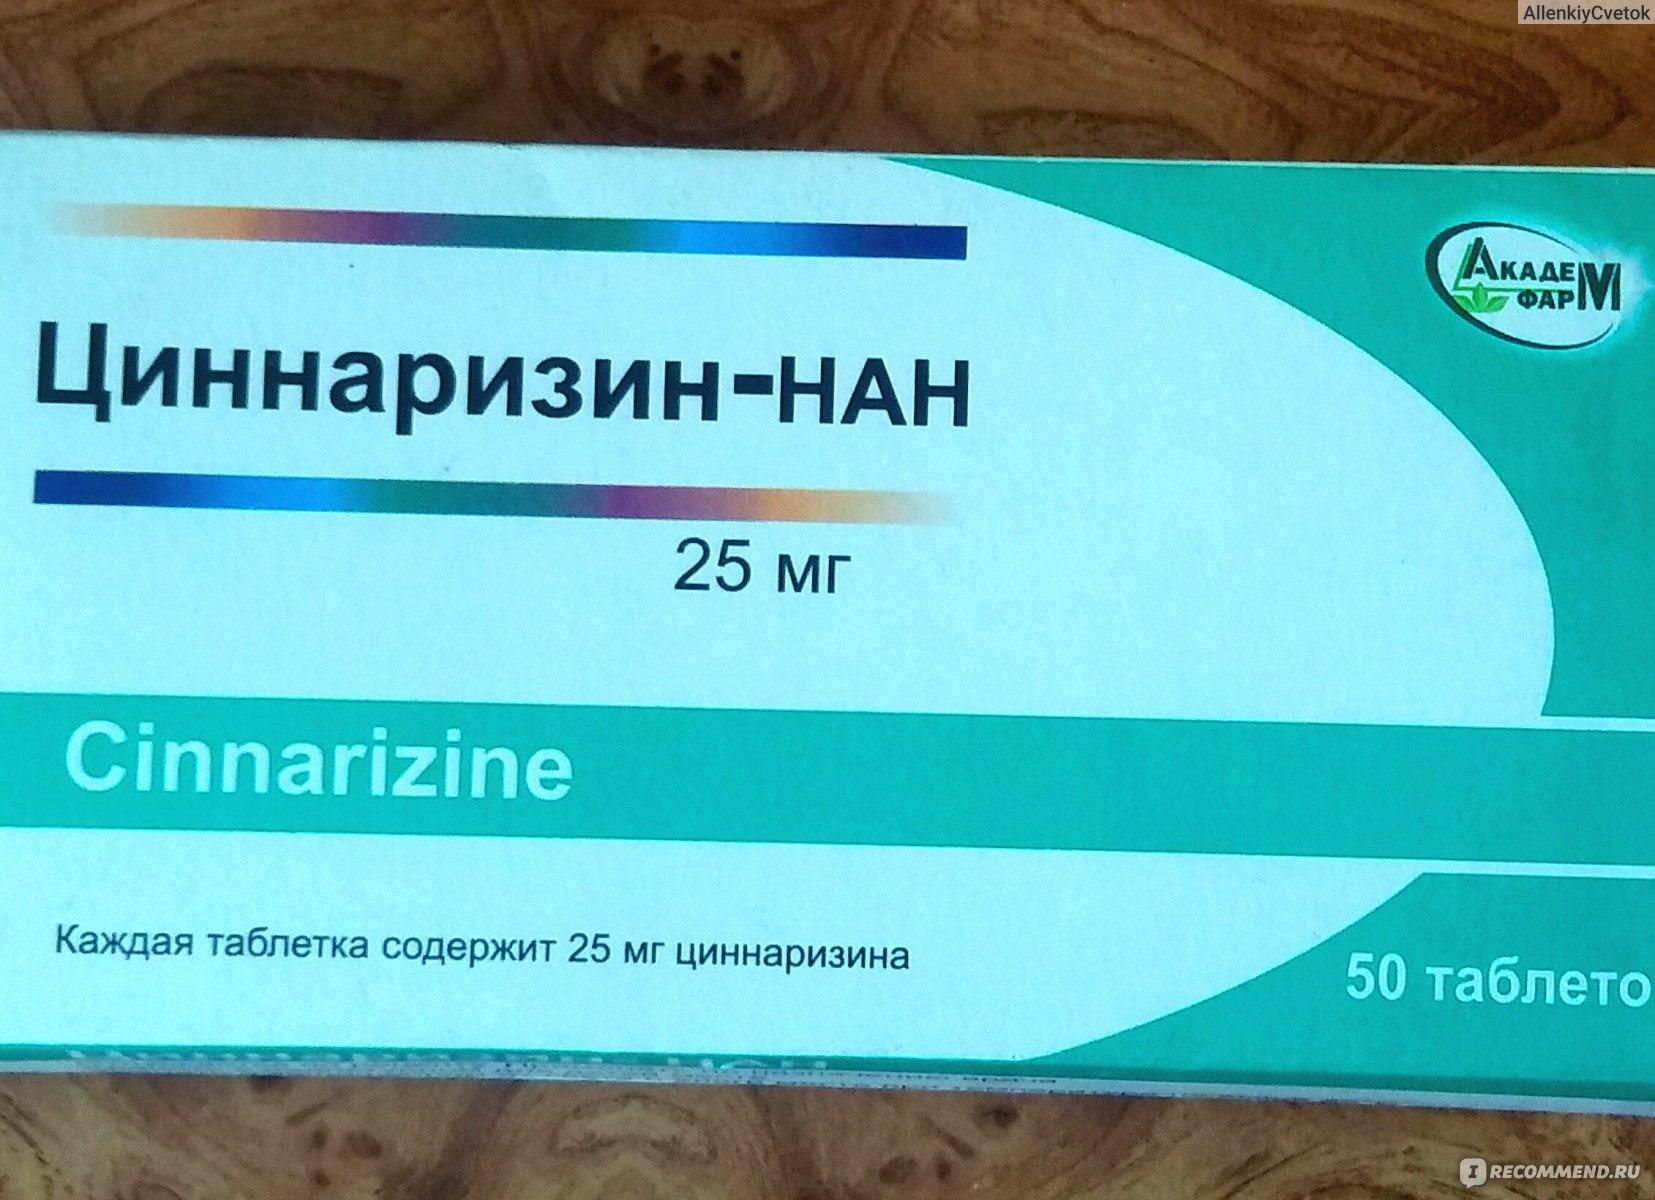 «циннаризин»: от чего помогает препарат? инструкция по применению и отзывы о лекарстве